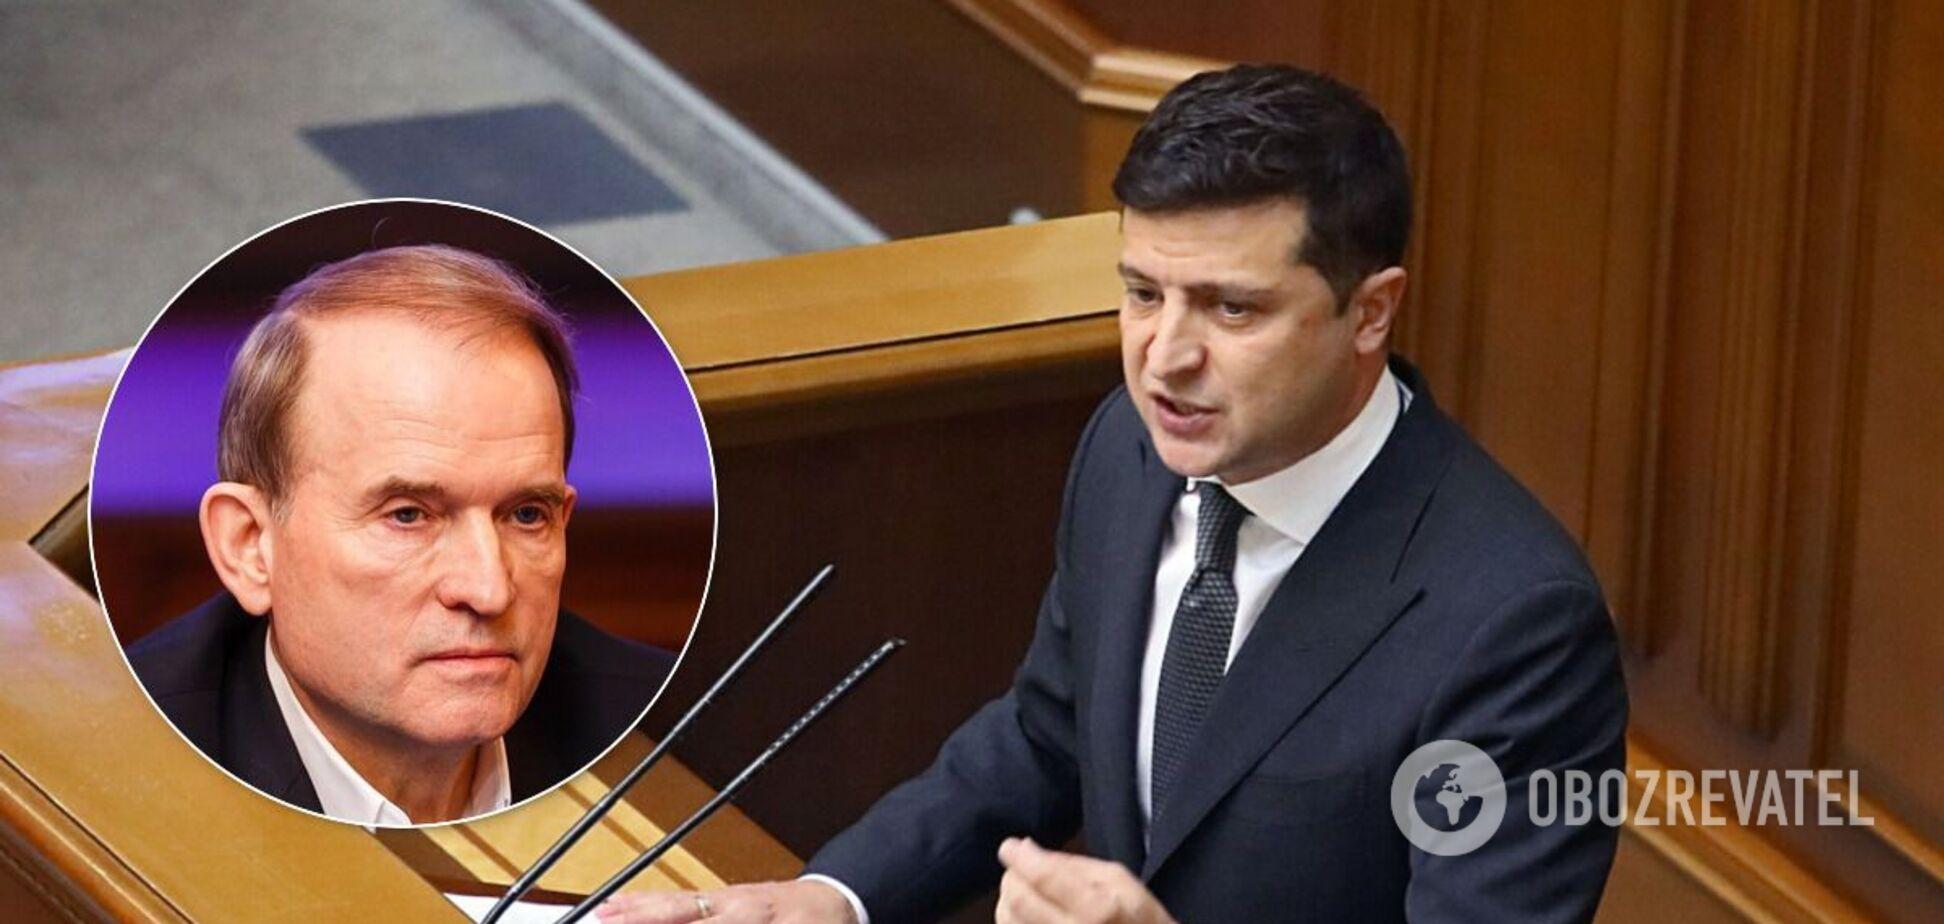 Журналіст нагадав попередження Зеленського про канали Медведчука: це погано закінчиться. Відео